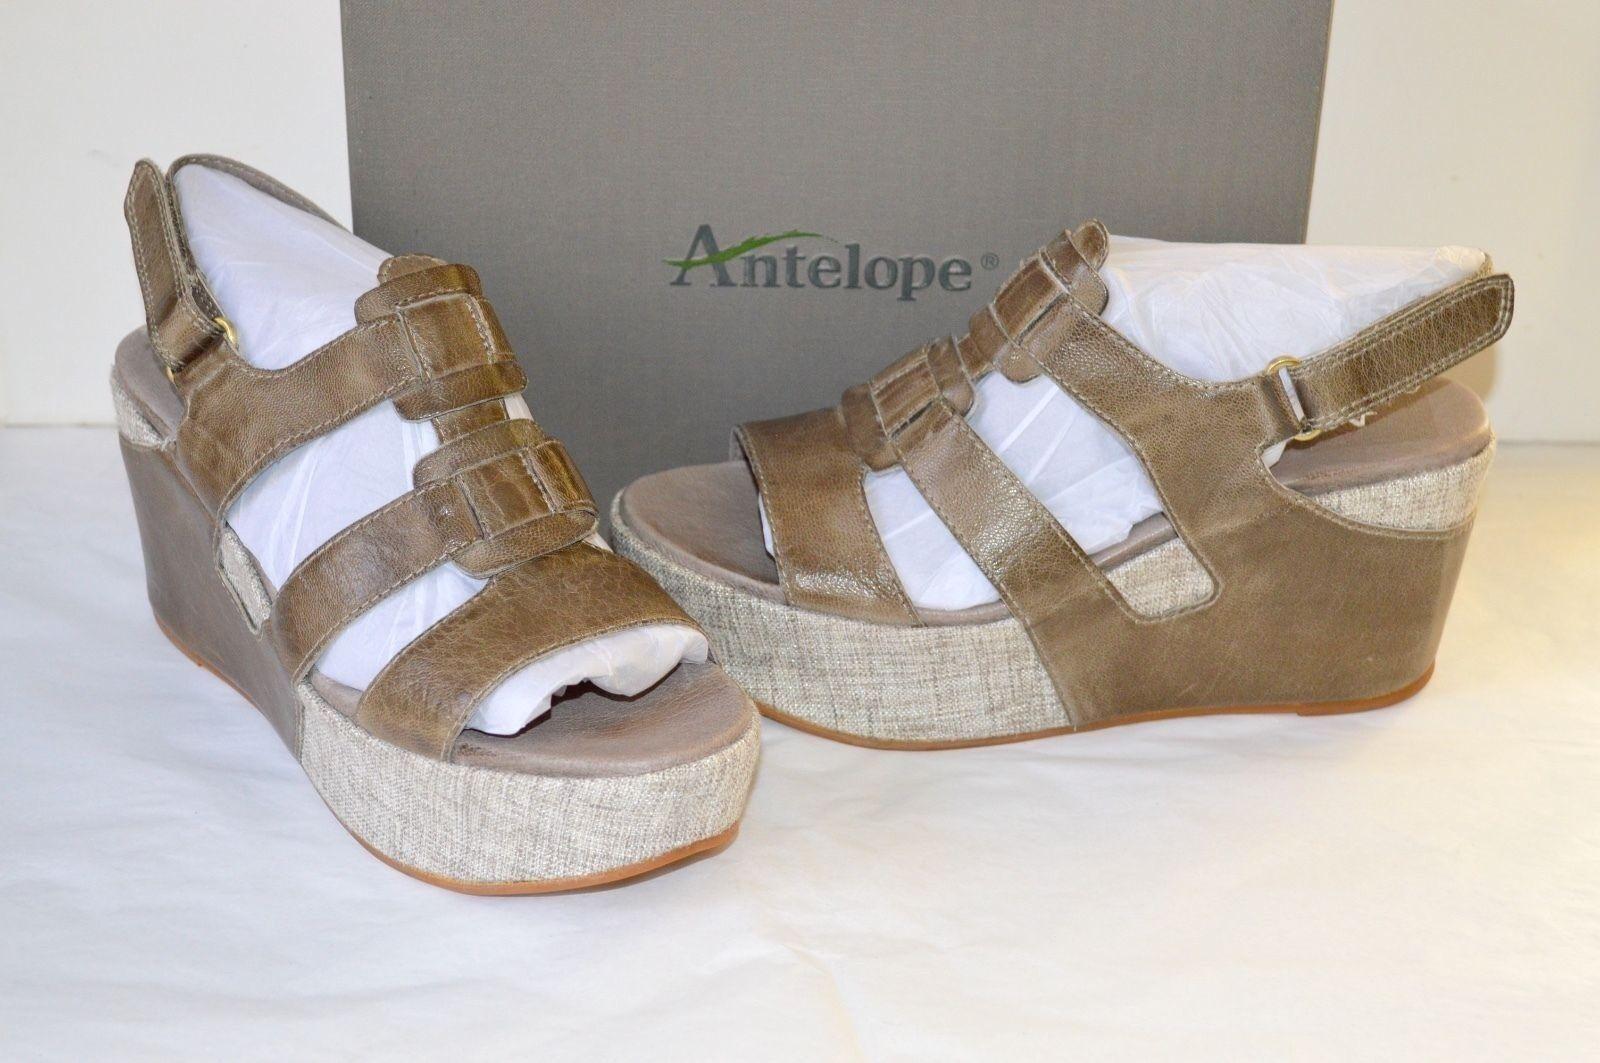 New  Antelope Style 859 Grey Leather Wedge Sandal sz 41 10 Platform